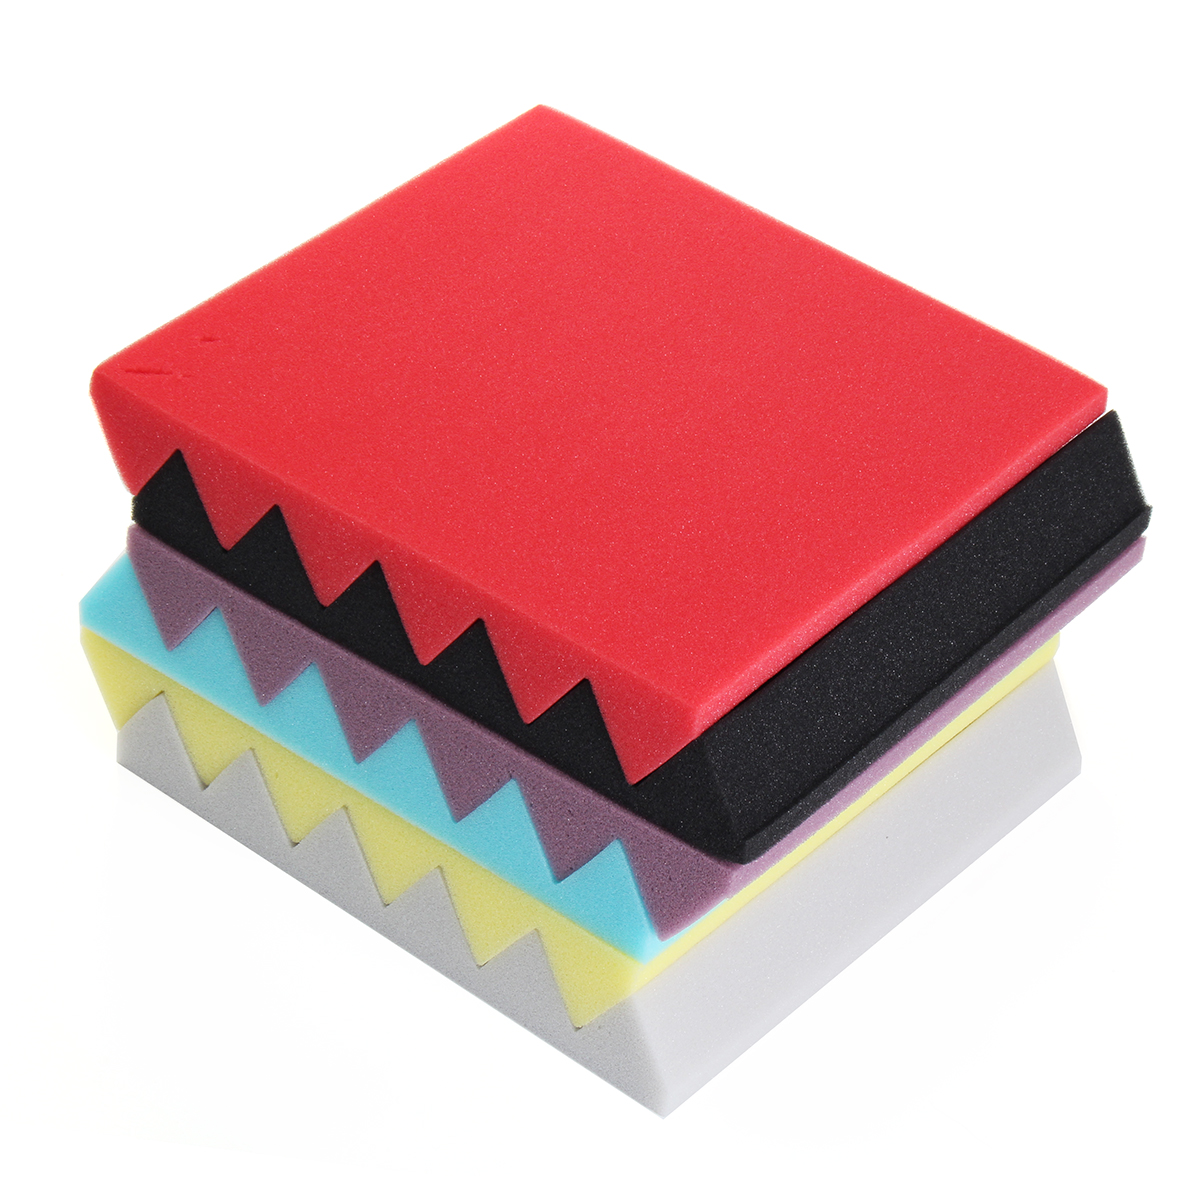 Acoustic studio equipment Studio Sponge Soundproofing Foam Wall Tiles 12''x12''x2''